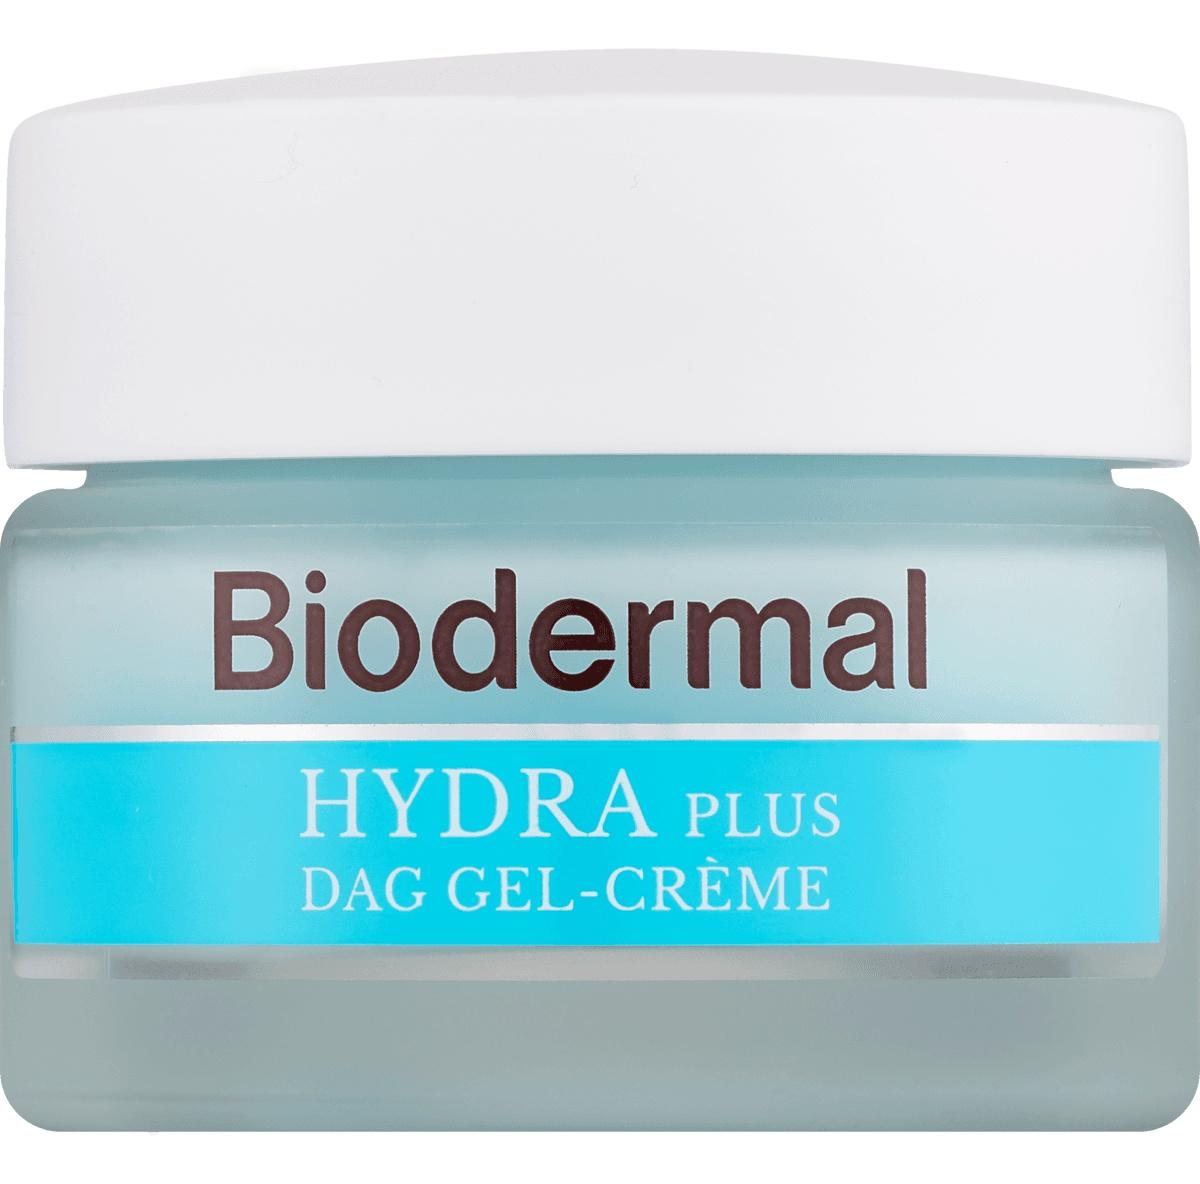 Biodermal Hydra Plus dag-gel-crème